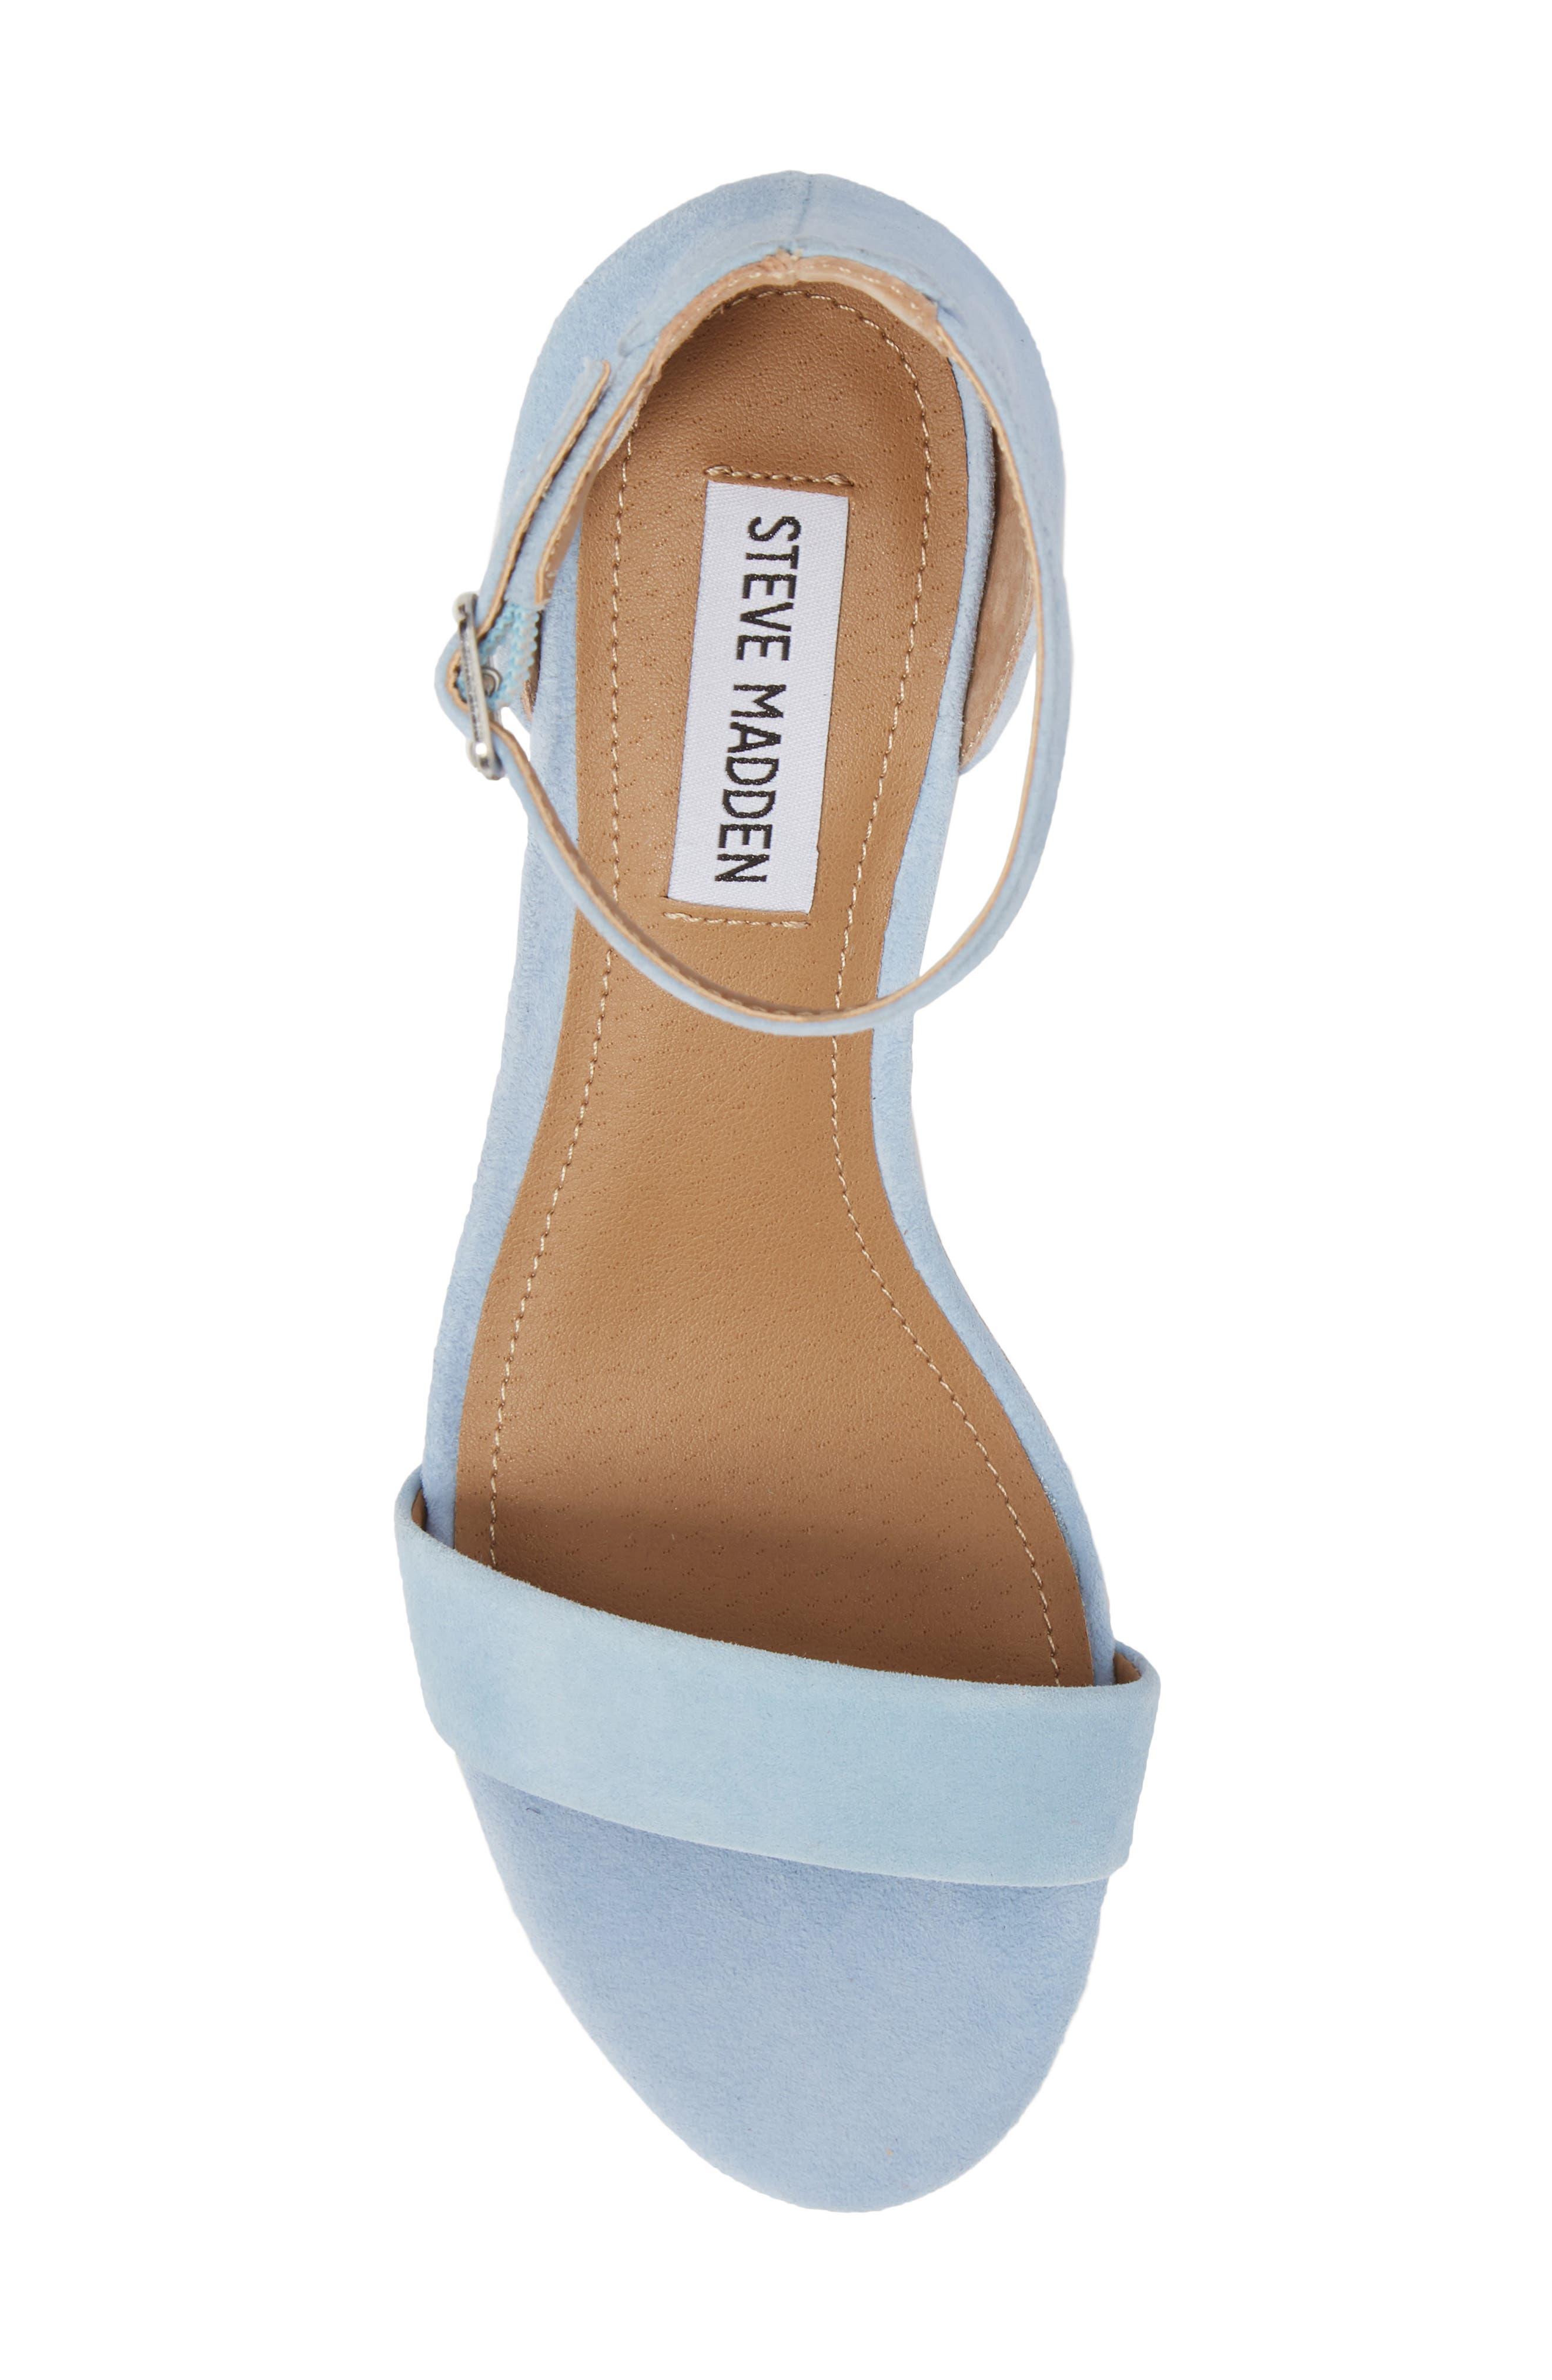 Irenee Ankle Strap Sandal,                             Alternate thumbnail 122, color,